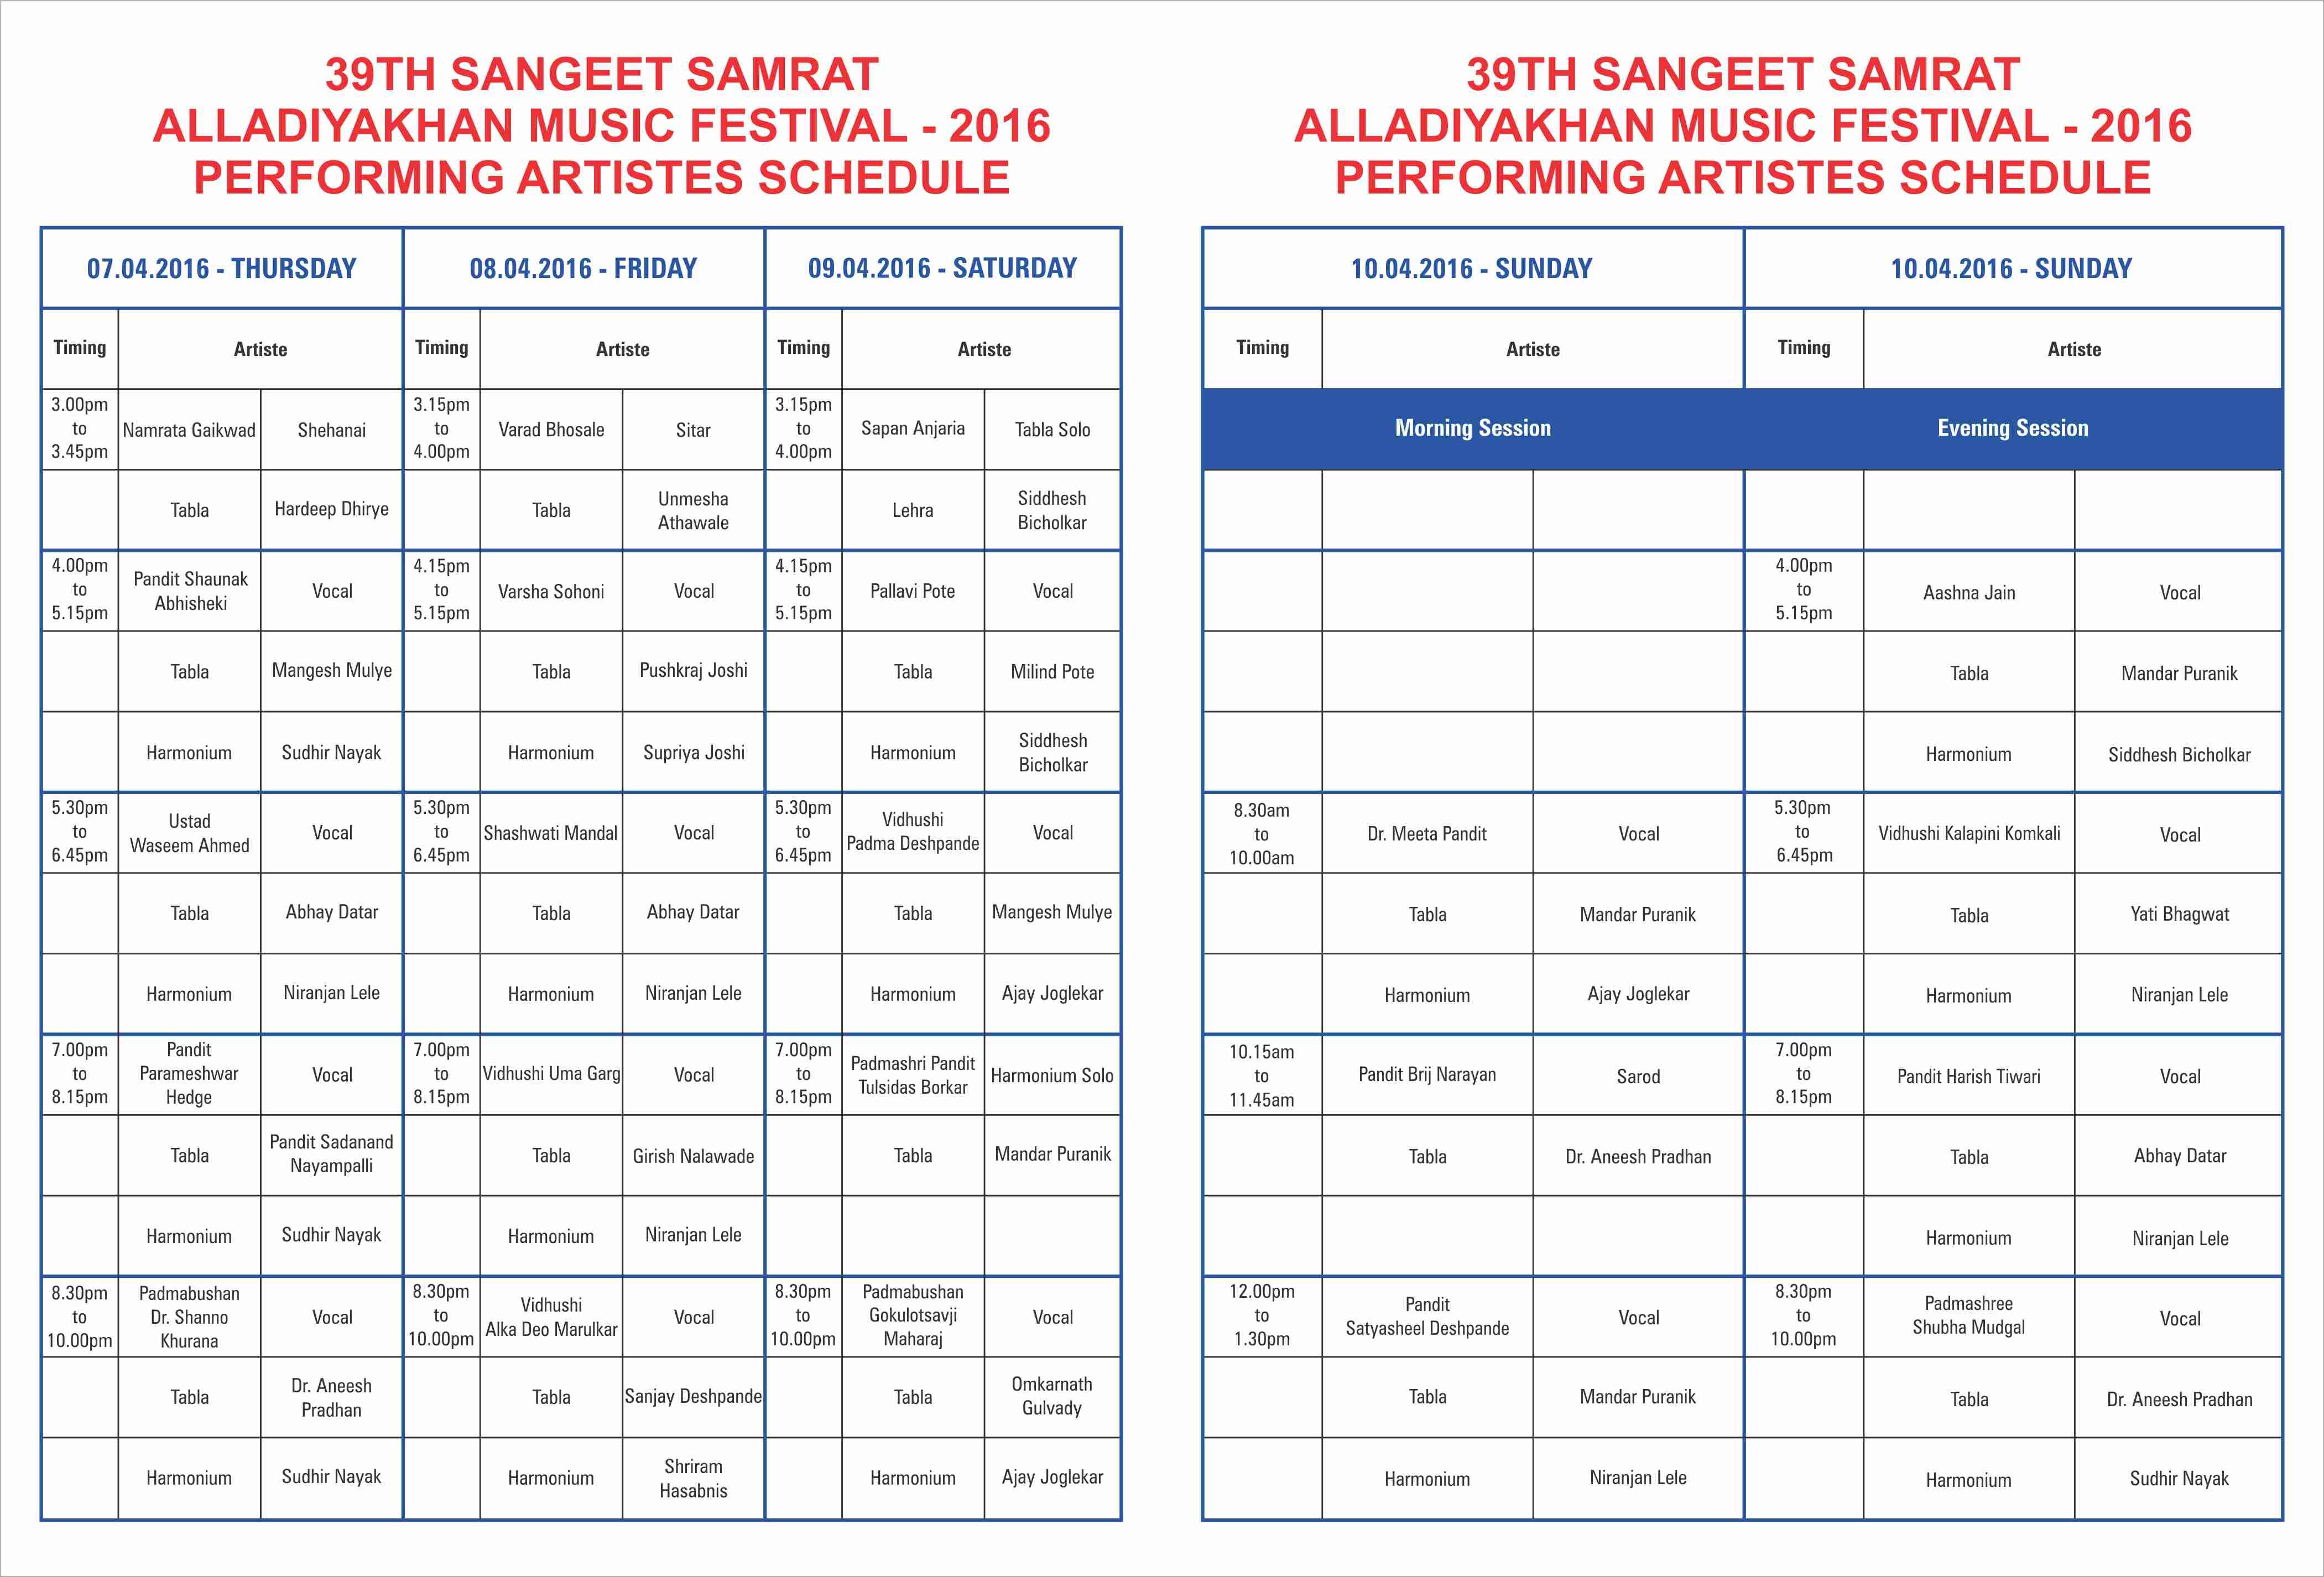 Sangeet Samarat Programme schedule